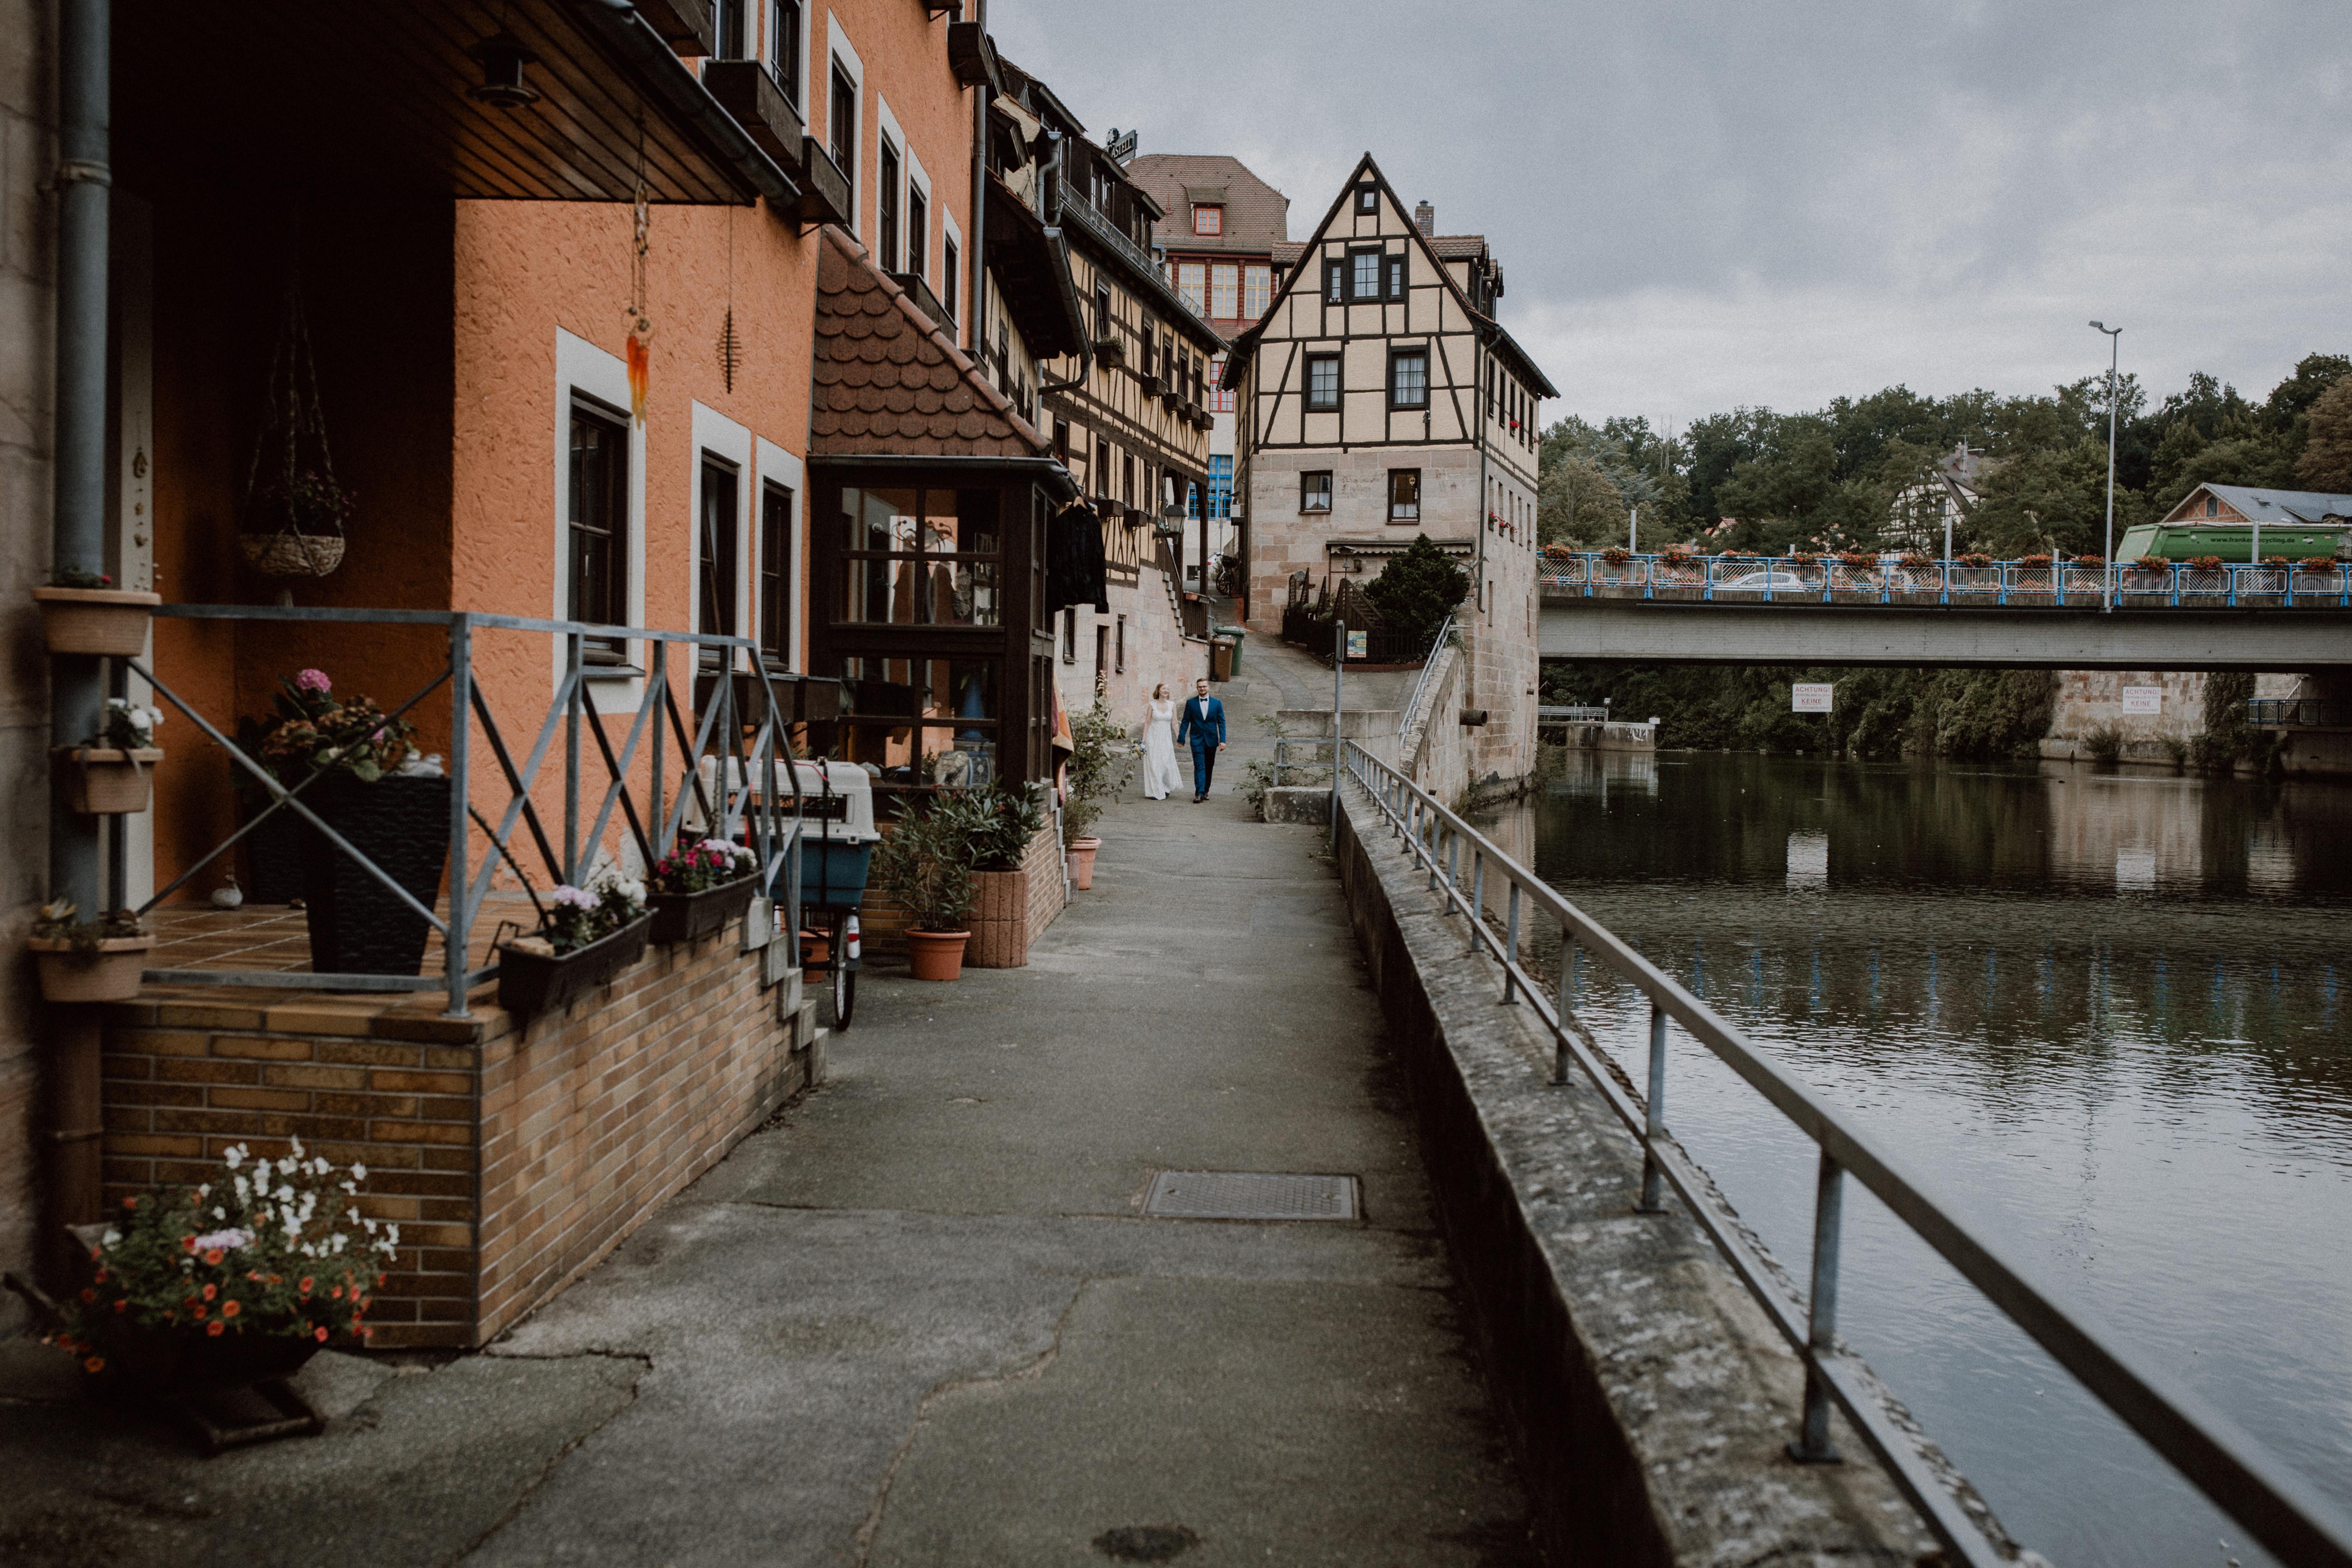 URBANERIE_Daniela_Goth_Hochzeitsfotografin_Nürnberg_Fürth_Erlangen_Schwabach_17907_0396